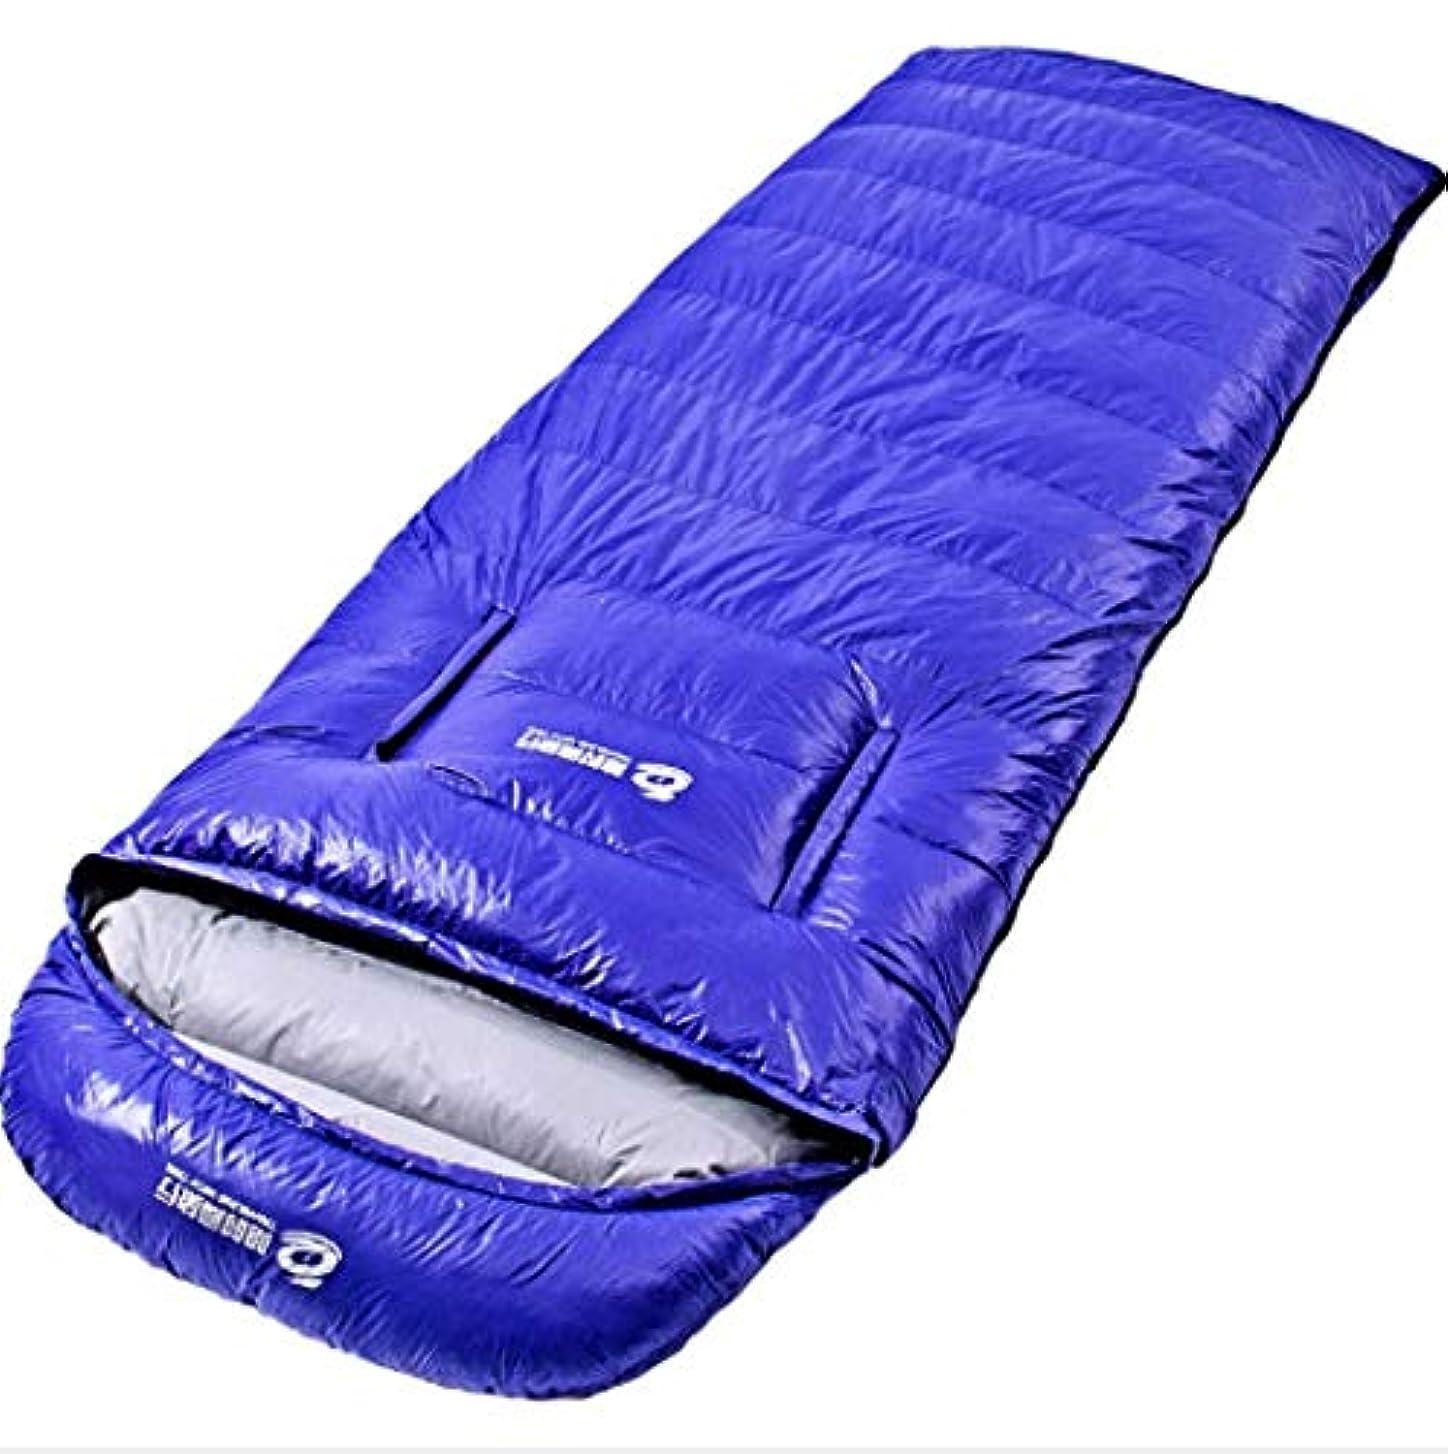 リラックス告発者代替寝袋屋外秋と冬の成人肥厚封筒タイプマルチスタンダードマルチカラーホワイトアヒルダウン2キロ